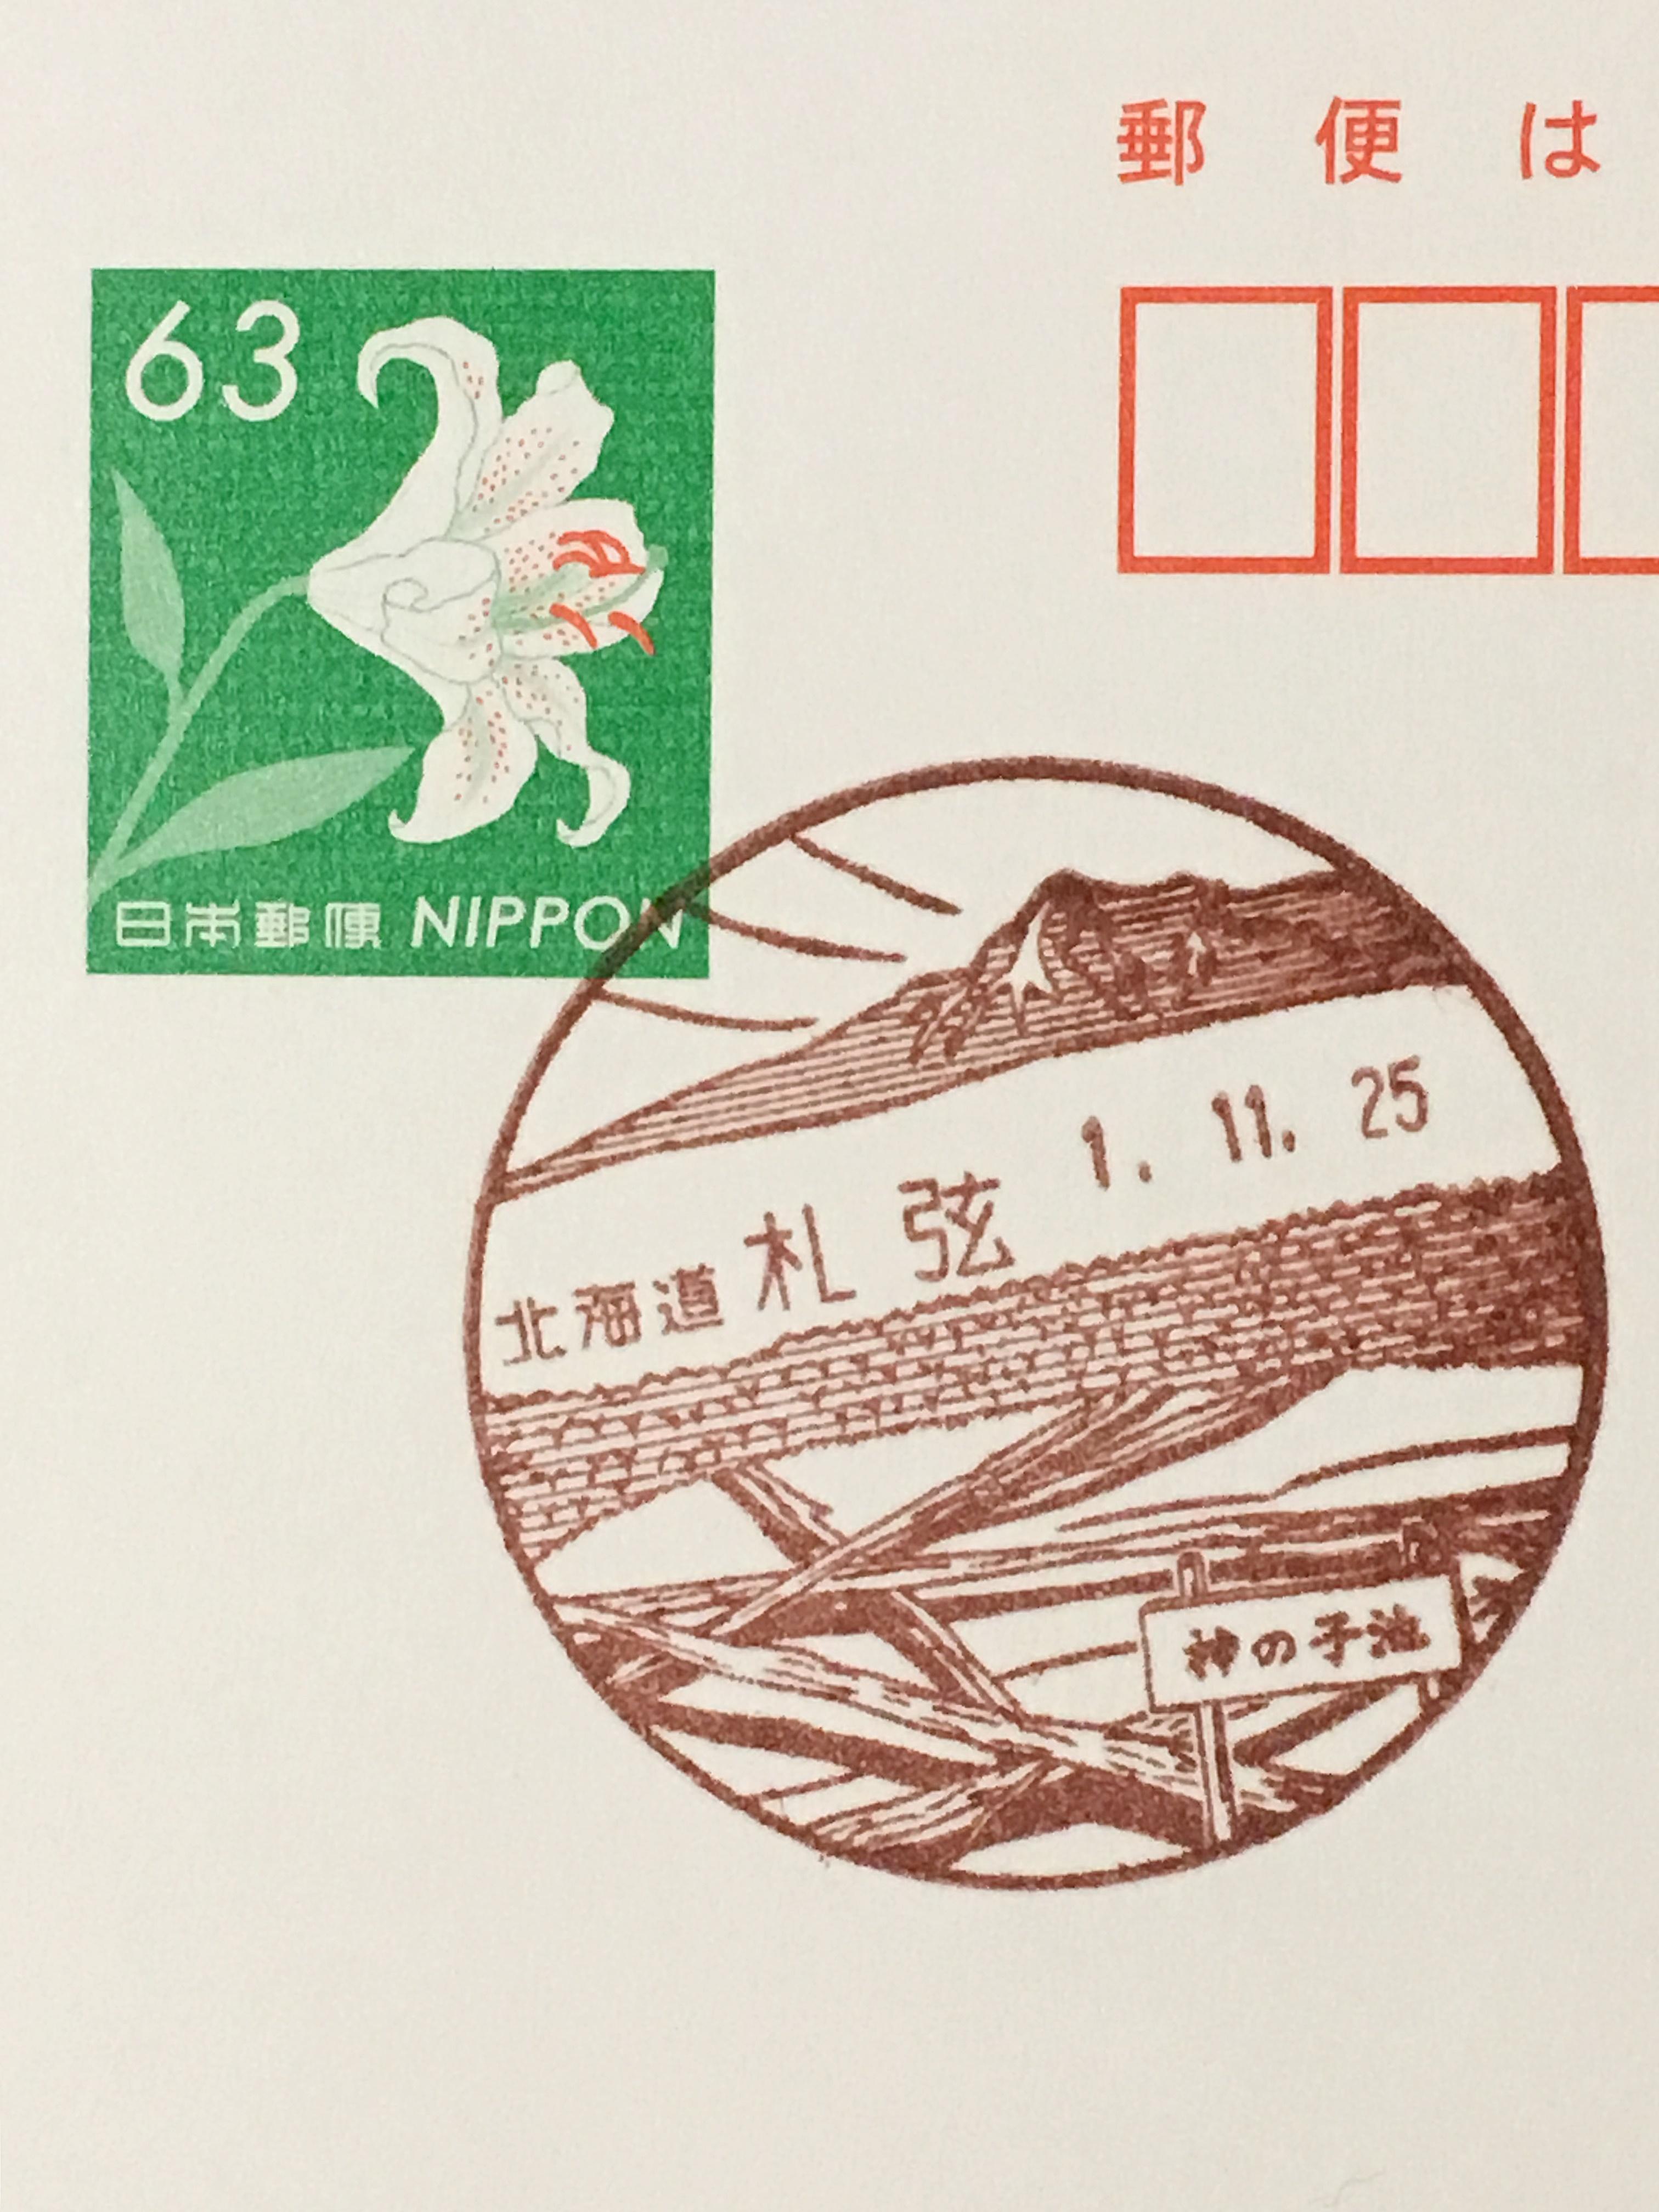 風景印 札弦郵便局.JPG